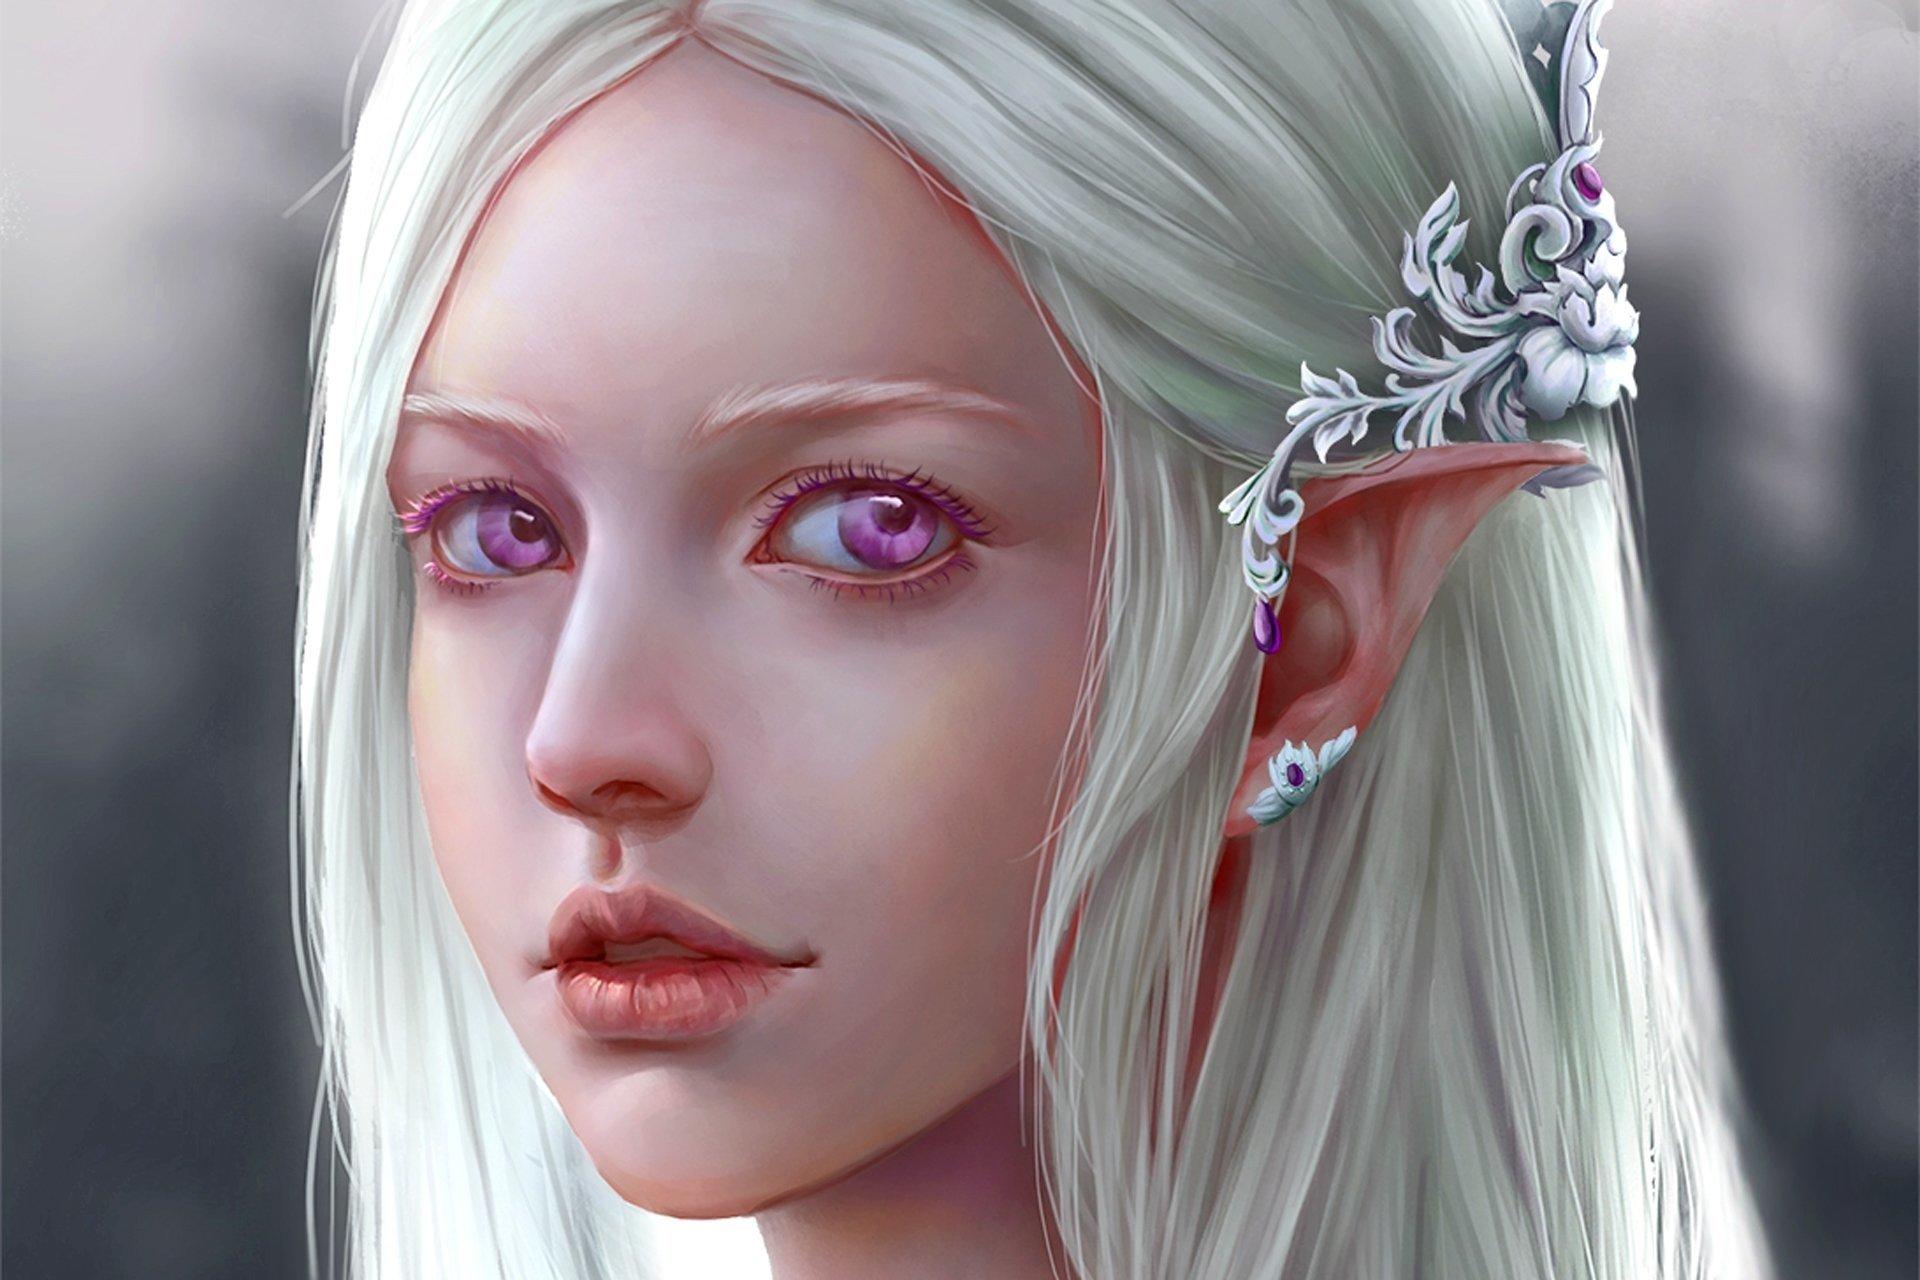 Hot blue hair 3d elf pics sex wemen